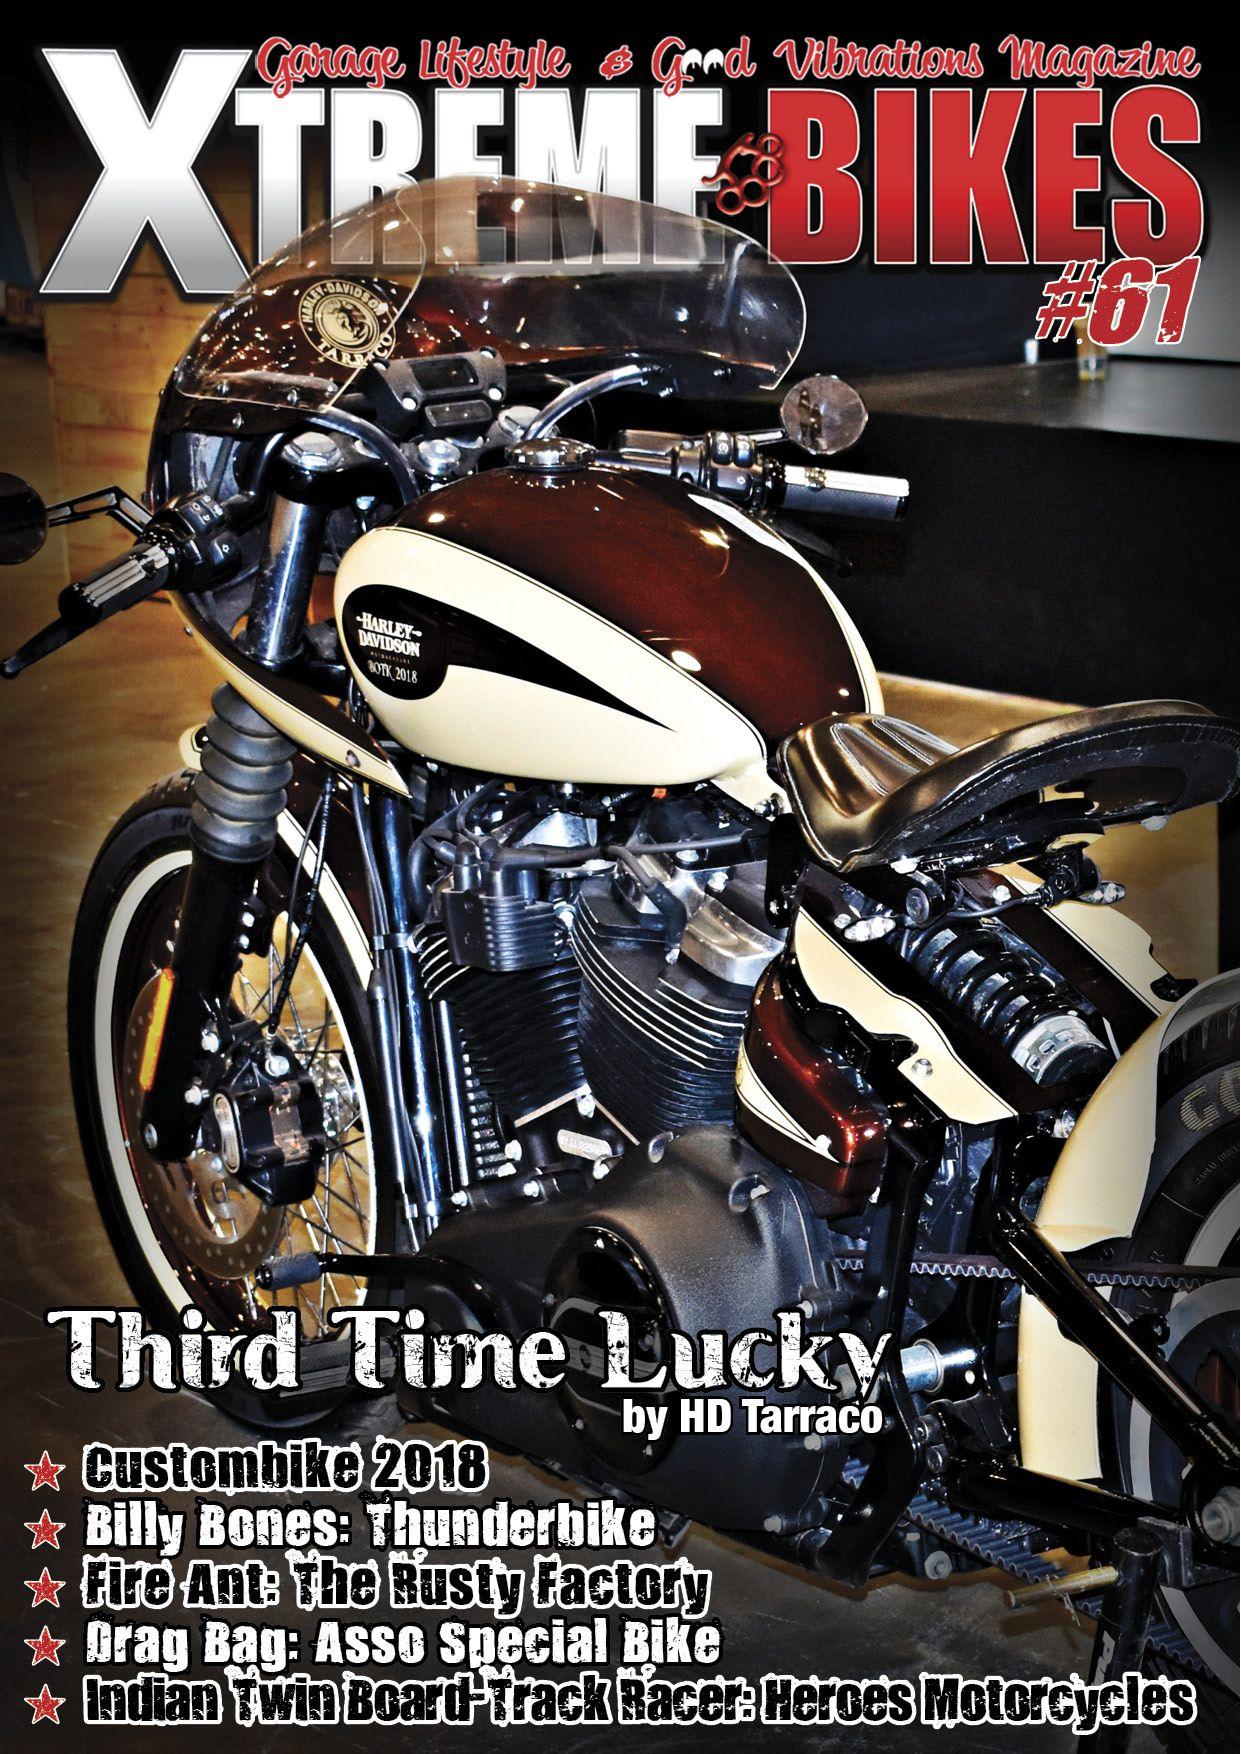 Xtreme Bikes #61